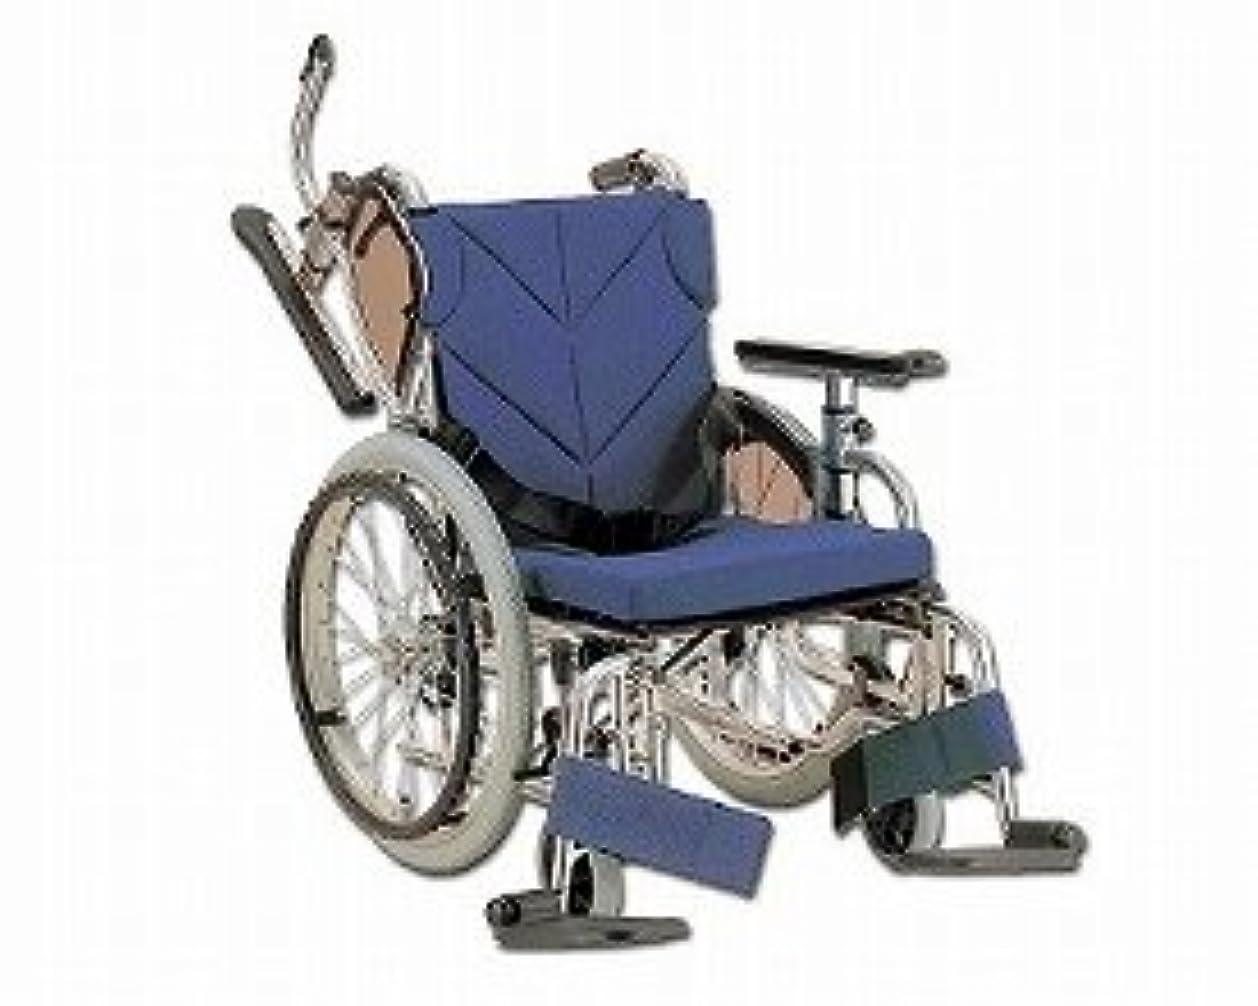 症状五十ルーム自走用 車椅子 低床型簡易モジュール KZ20-38 40 42-SSL 超々低床タイプ 座幅40cm No.88 (エコブラック)